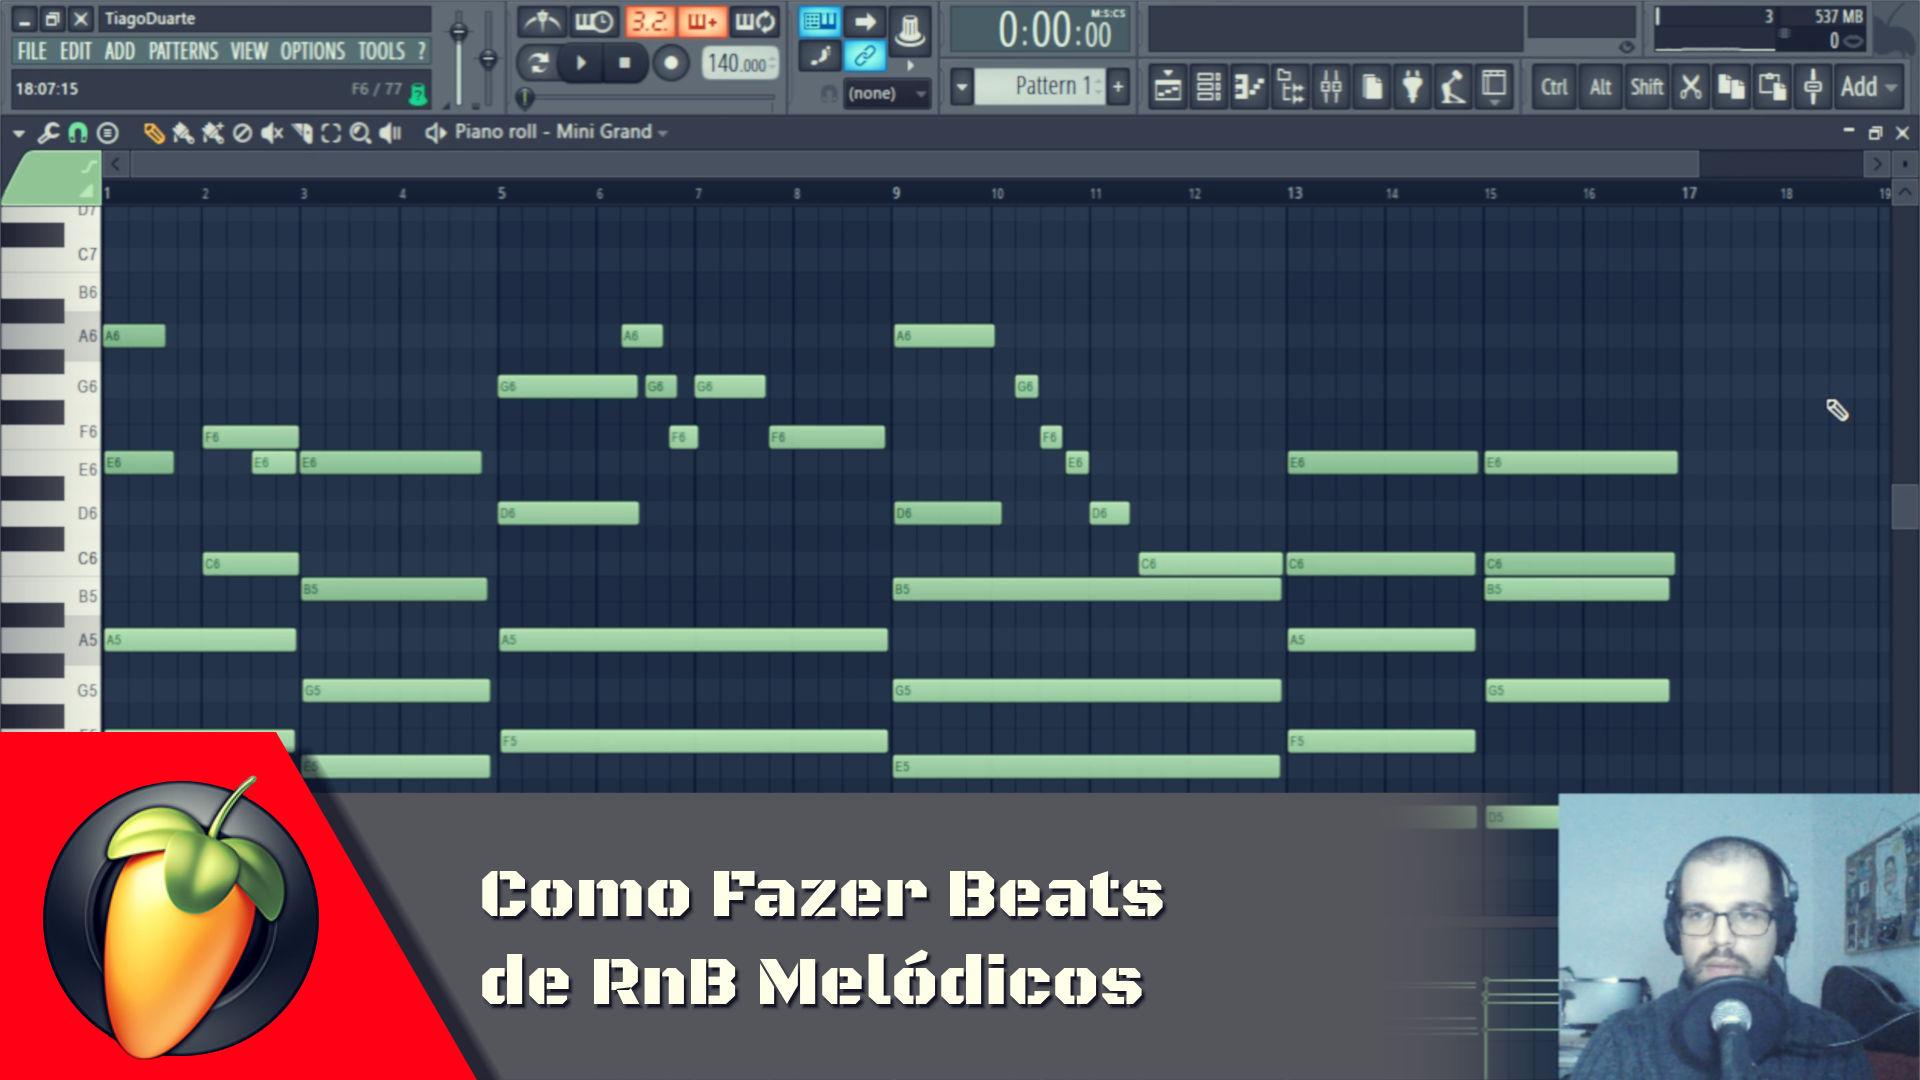 Como Fazer Beats de RnB Melodicos